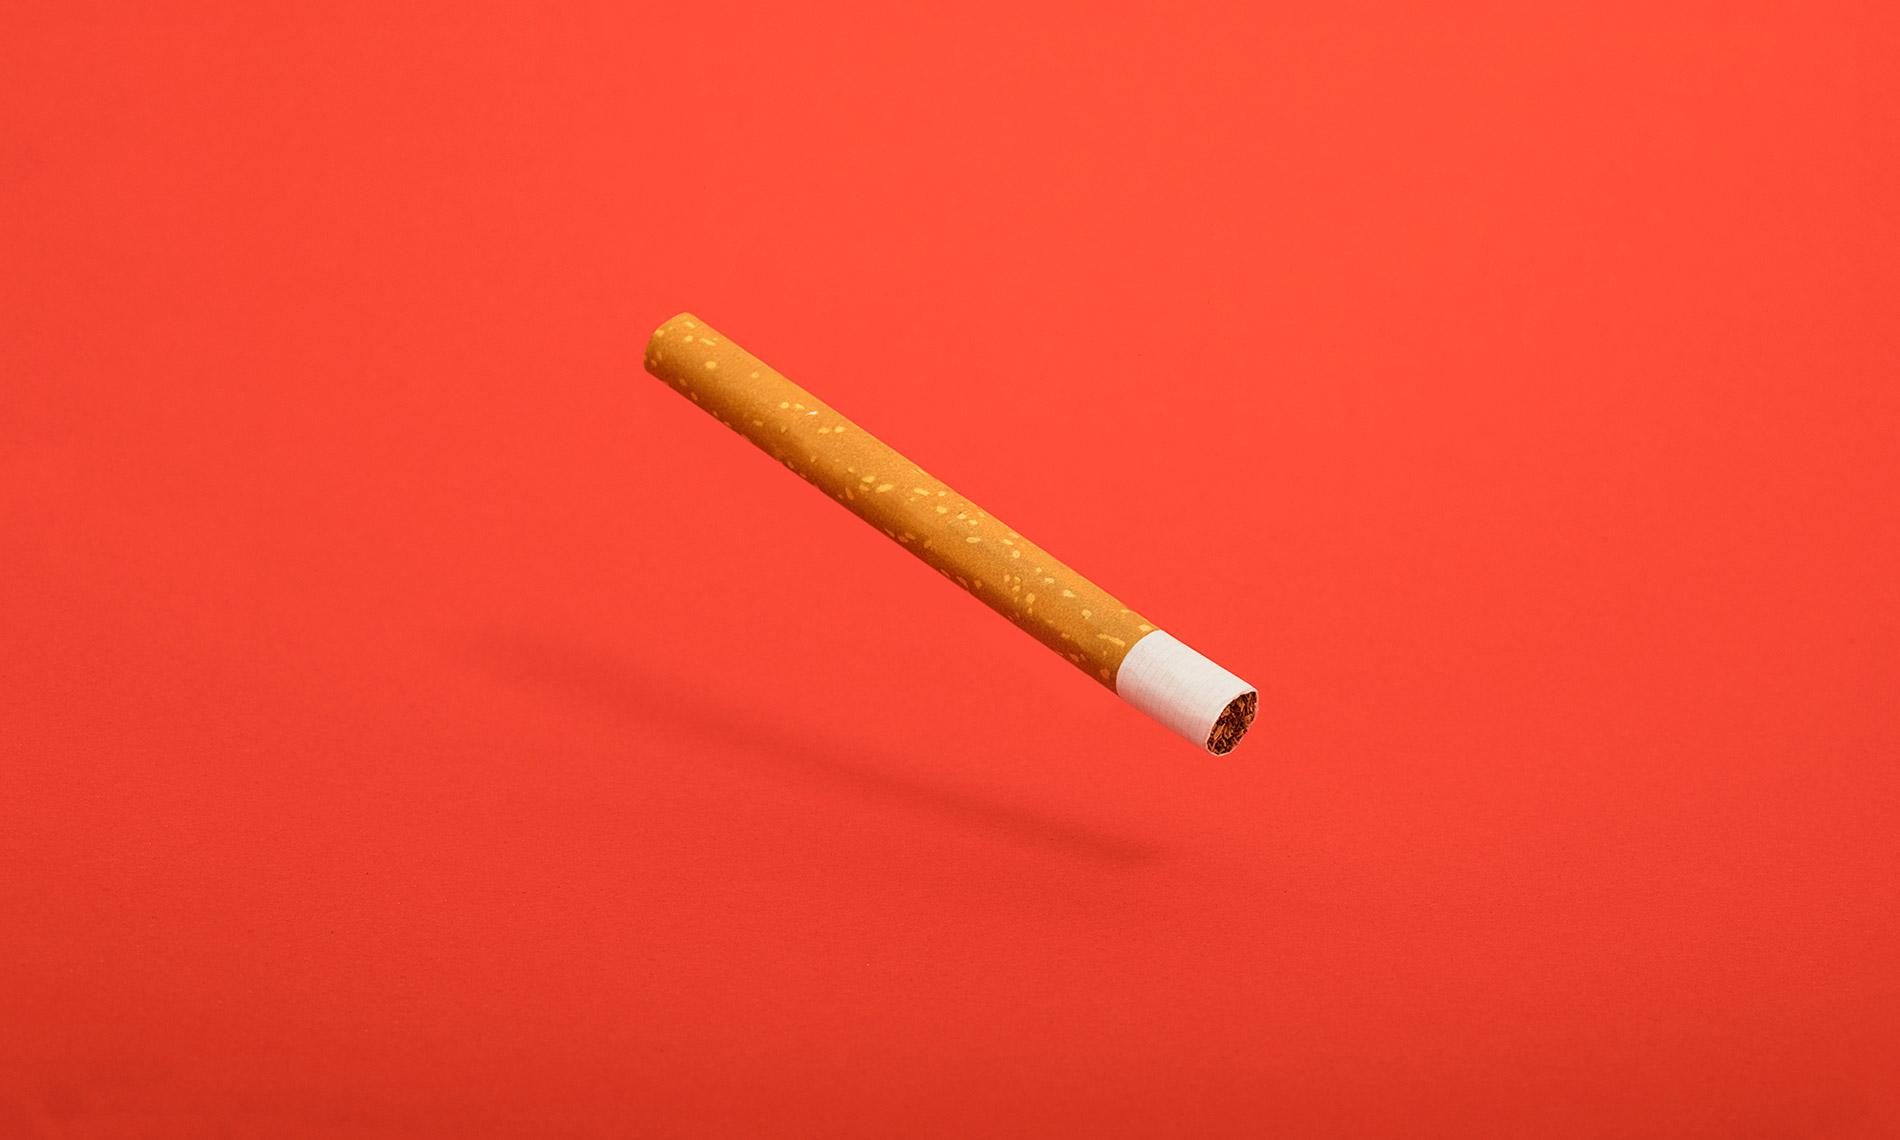 A smarter cigarette.